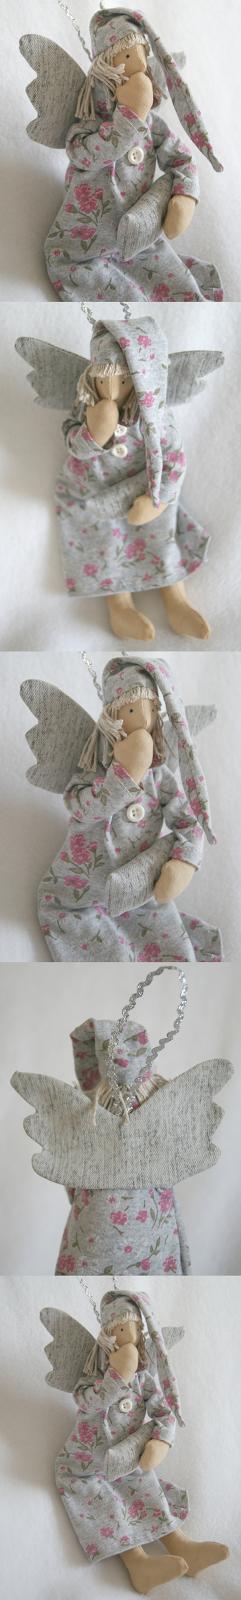 tilda angel, sleepy angel, sleeping angel, tone finnanger pattern, handmade